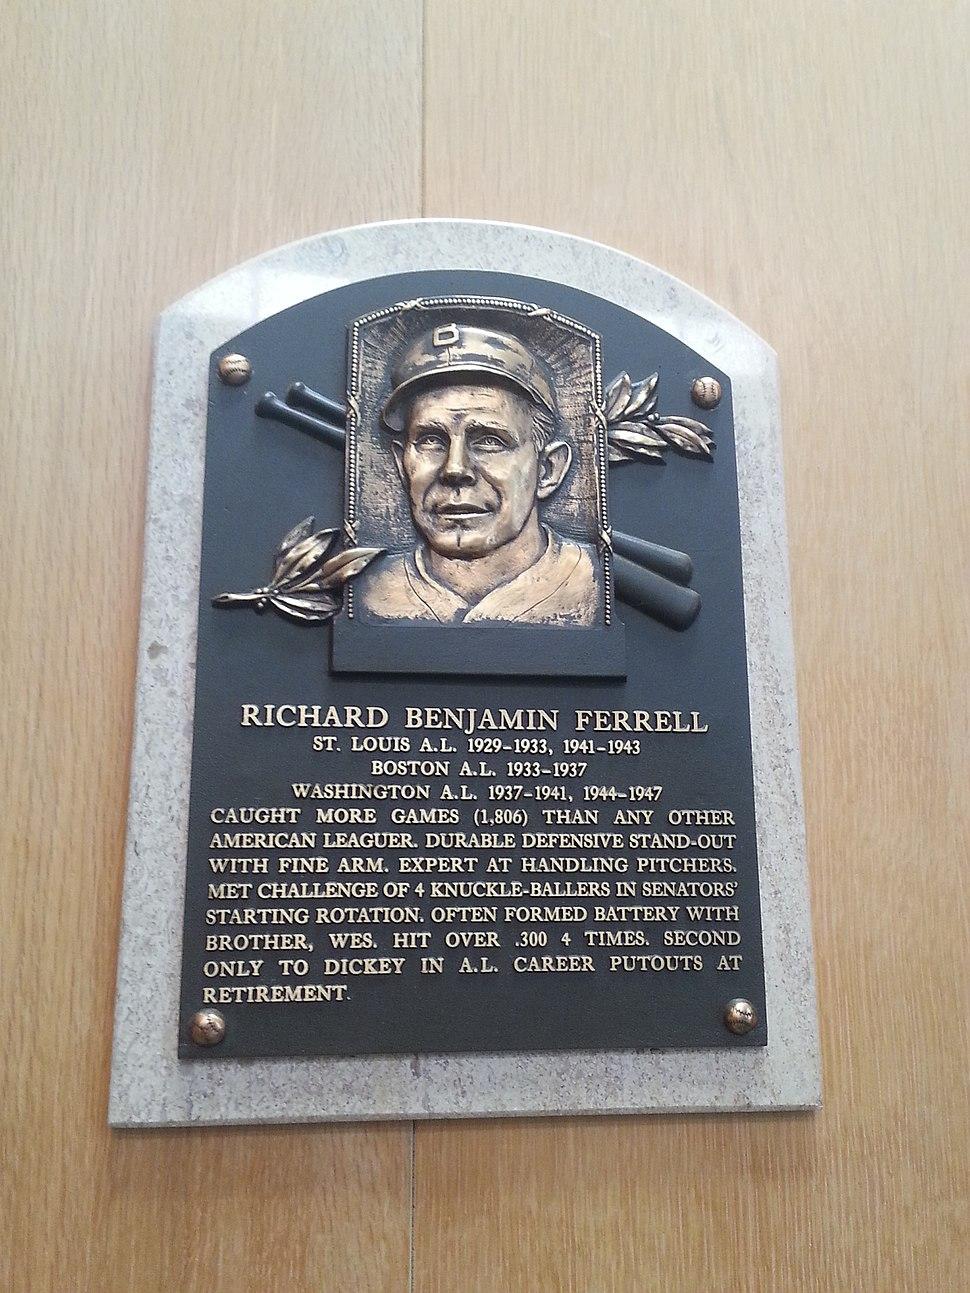 Rick Ferrell plaque